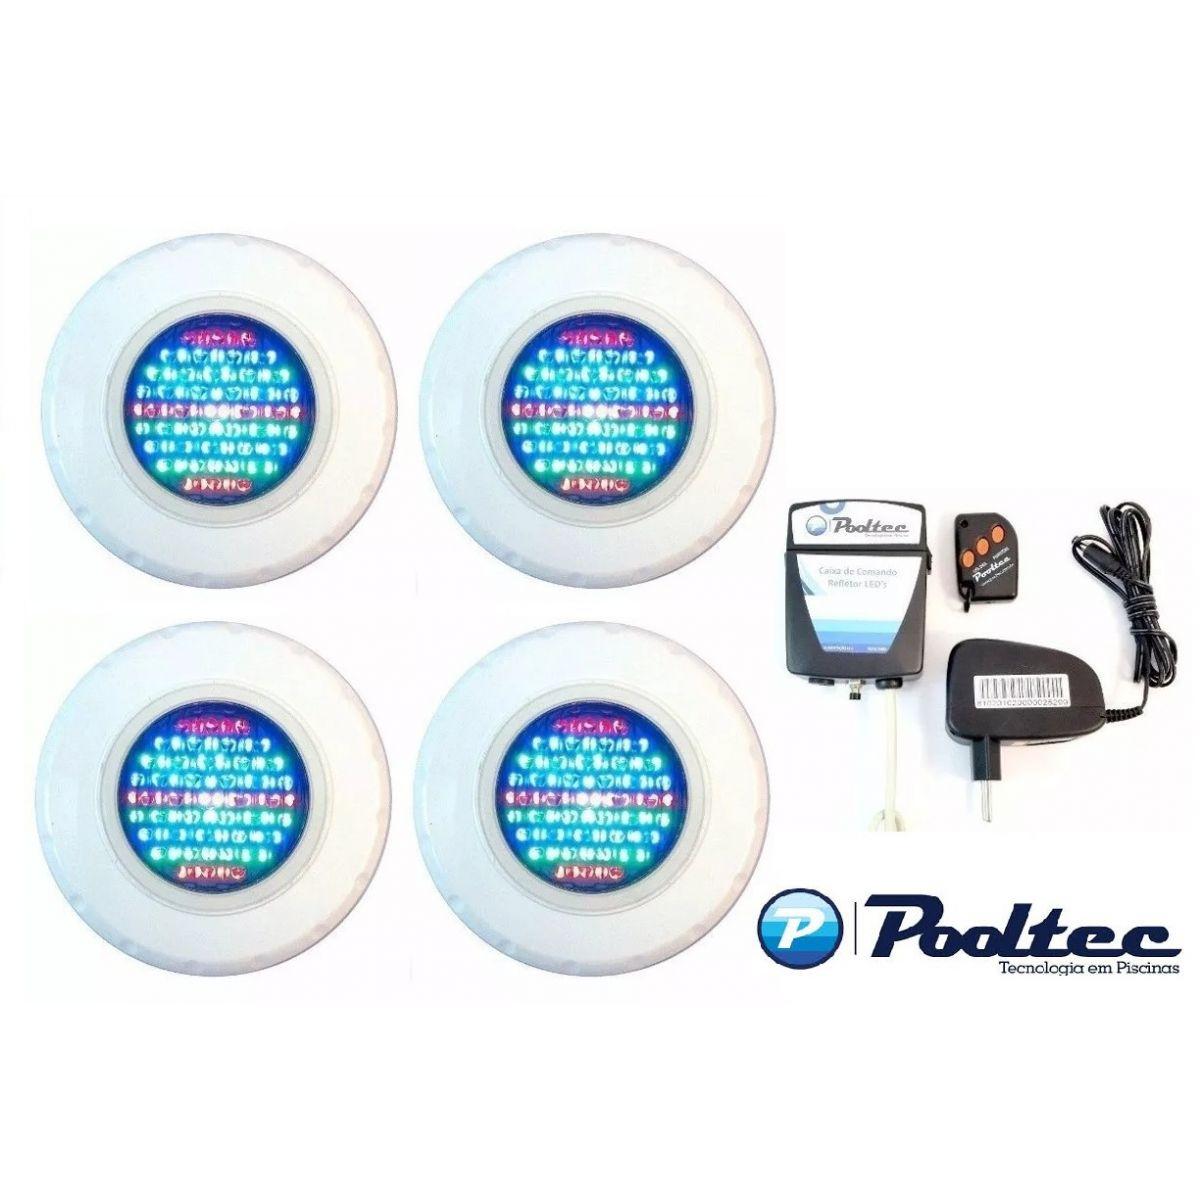 Kit Iluminação para Piscina 4 Led 65 ABS RGB Colorido + Comando e Controle Remoto - Até 36 m²